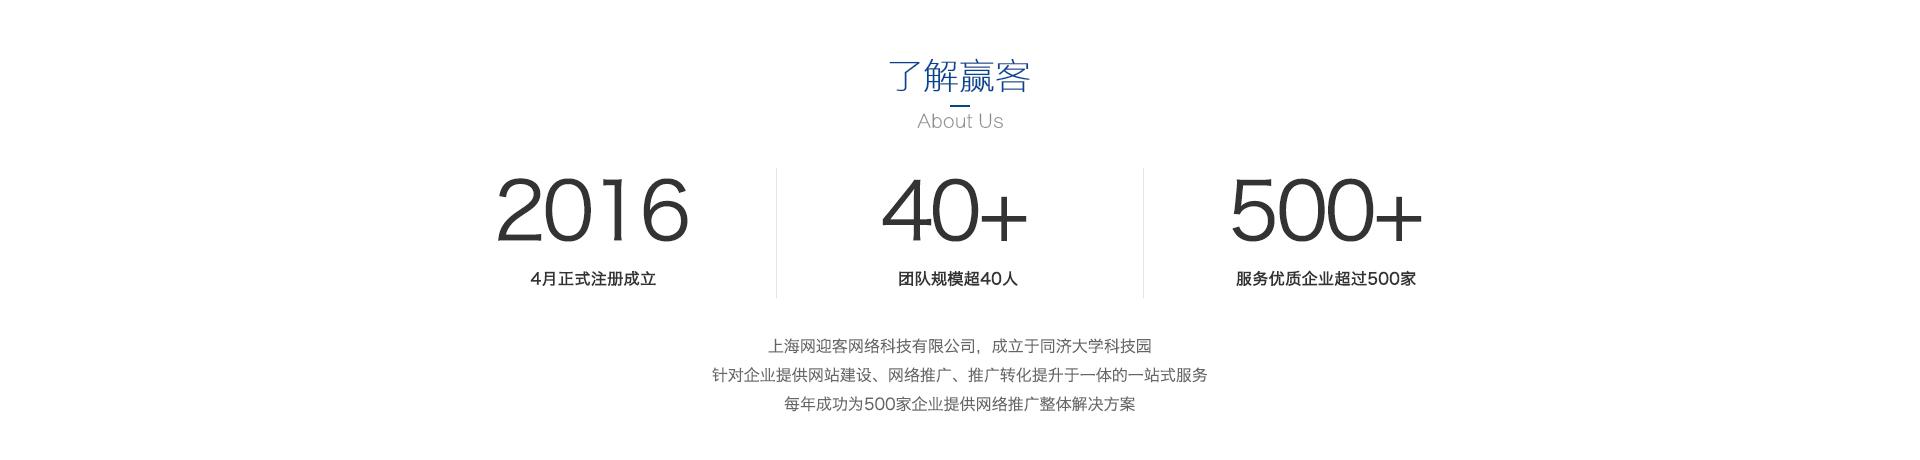 上海网迎客网络科技有限公司,成立于同济大学科技园,针对企业提供网站建设、网络推广、推广转化提升于一体的一站式服务。每年成功为500家企业提供网络推广整体解决方案。